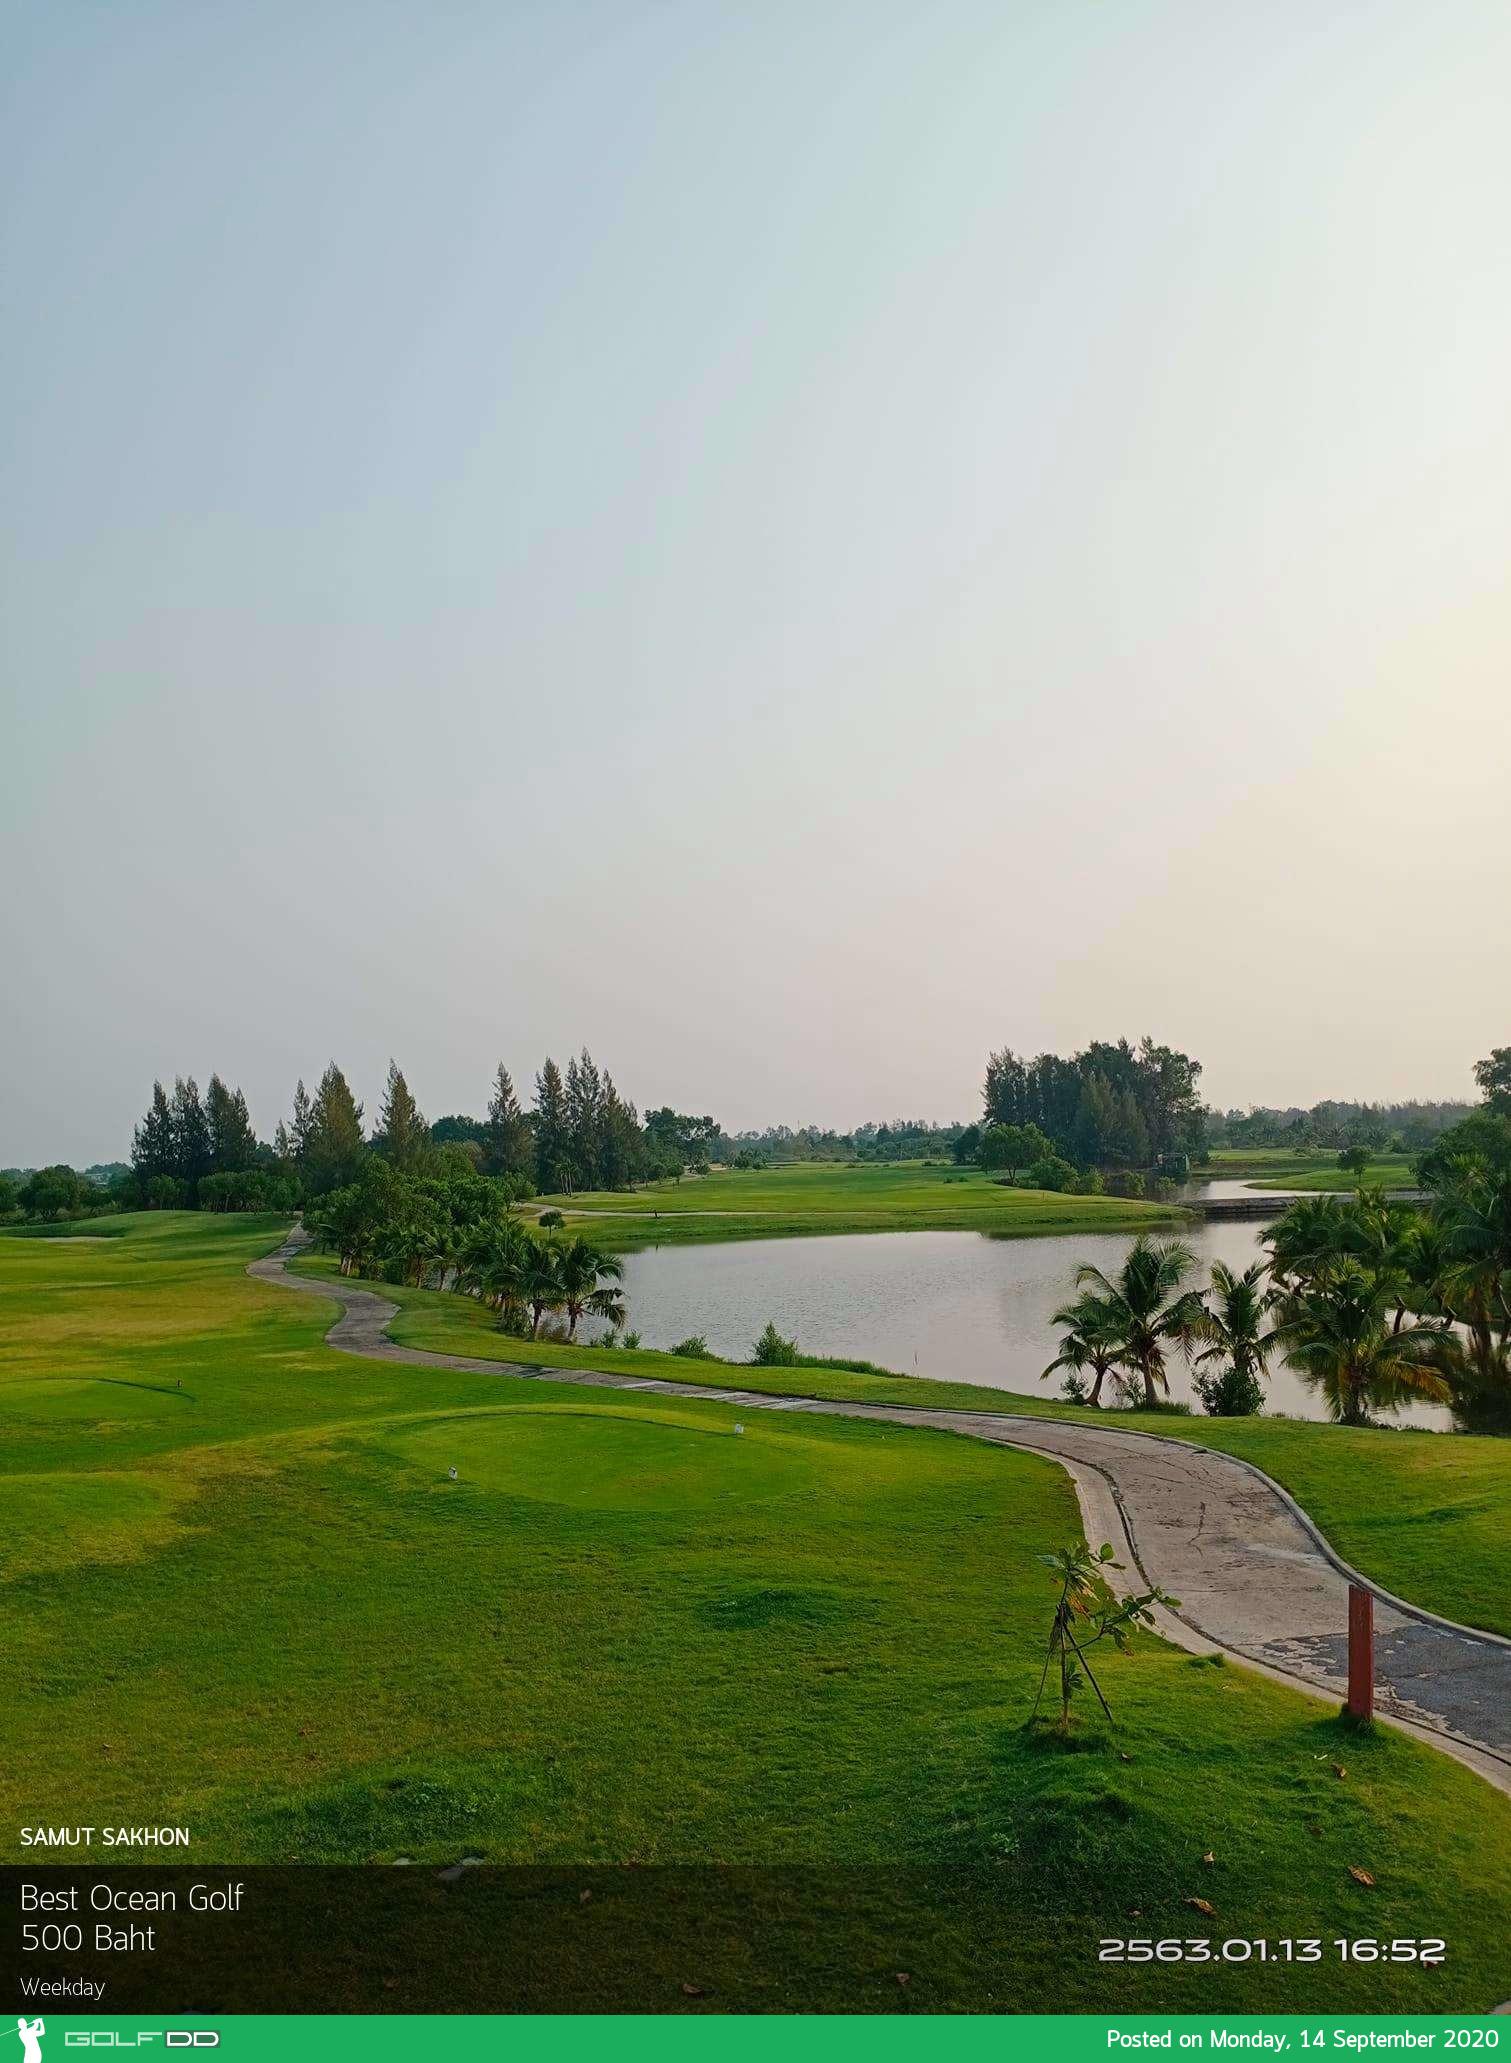 สนามกอล์ฟ  Best Ocean Golf   สนามดีสนามสวยไม่ไกลจากกรุงเทพอยู่ที่สมุทรสาครนี้เองอัพเดทราคาล่าสุด